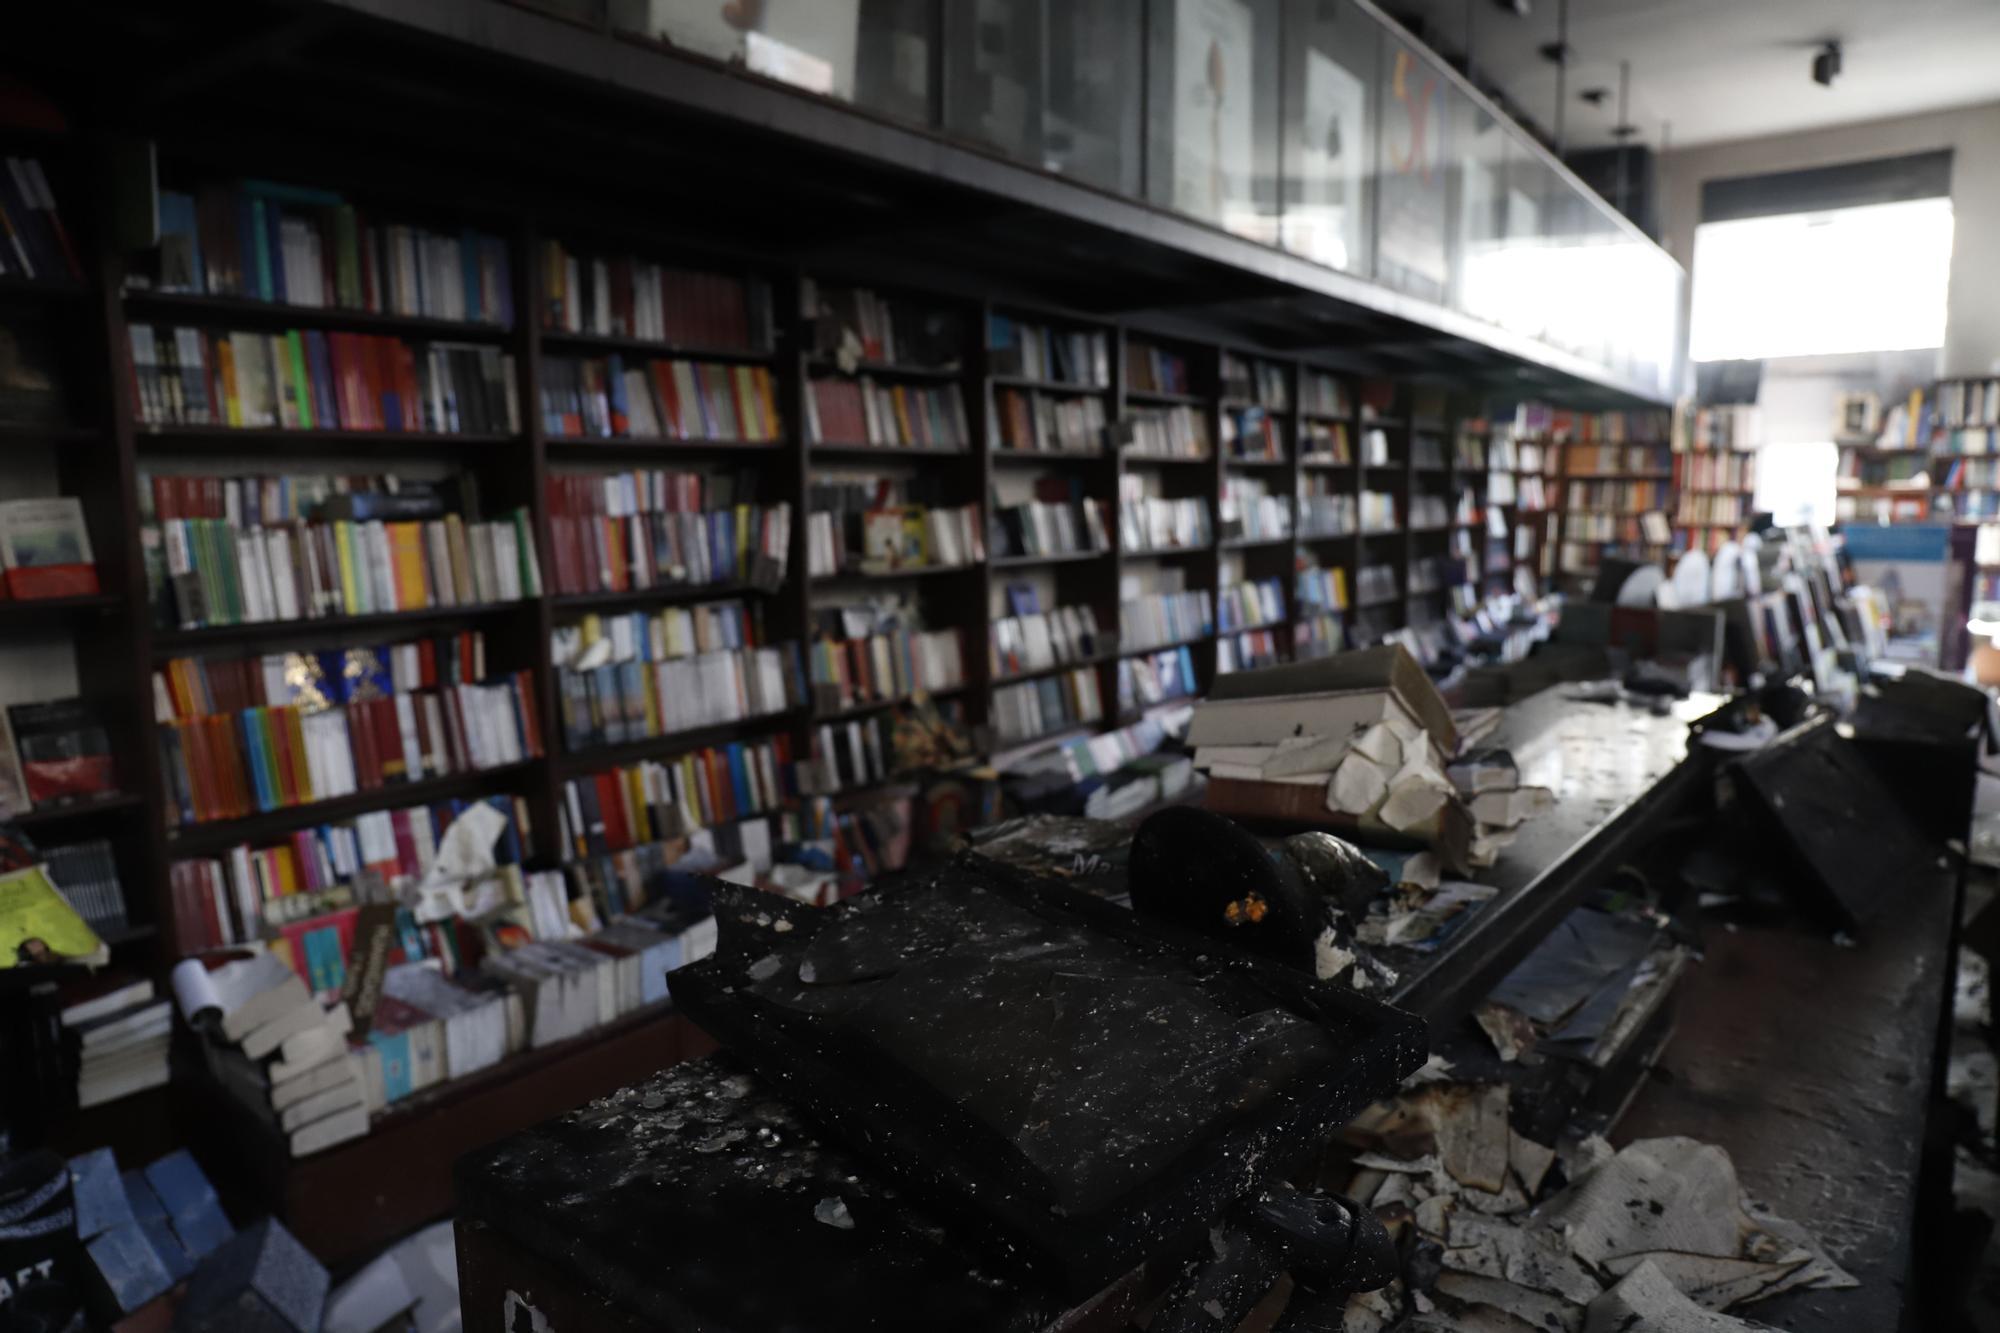 Así ha quedado el interior de la librería Proteo tras el incendio de la noche del jueves